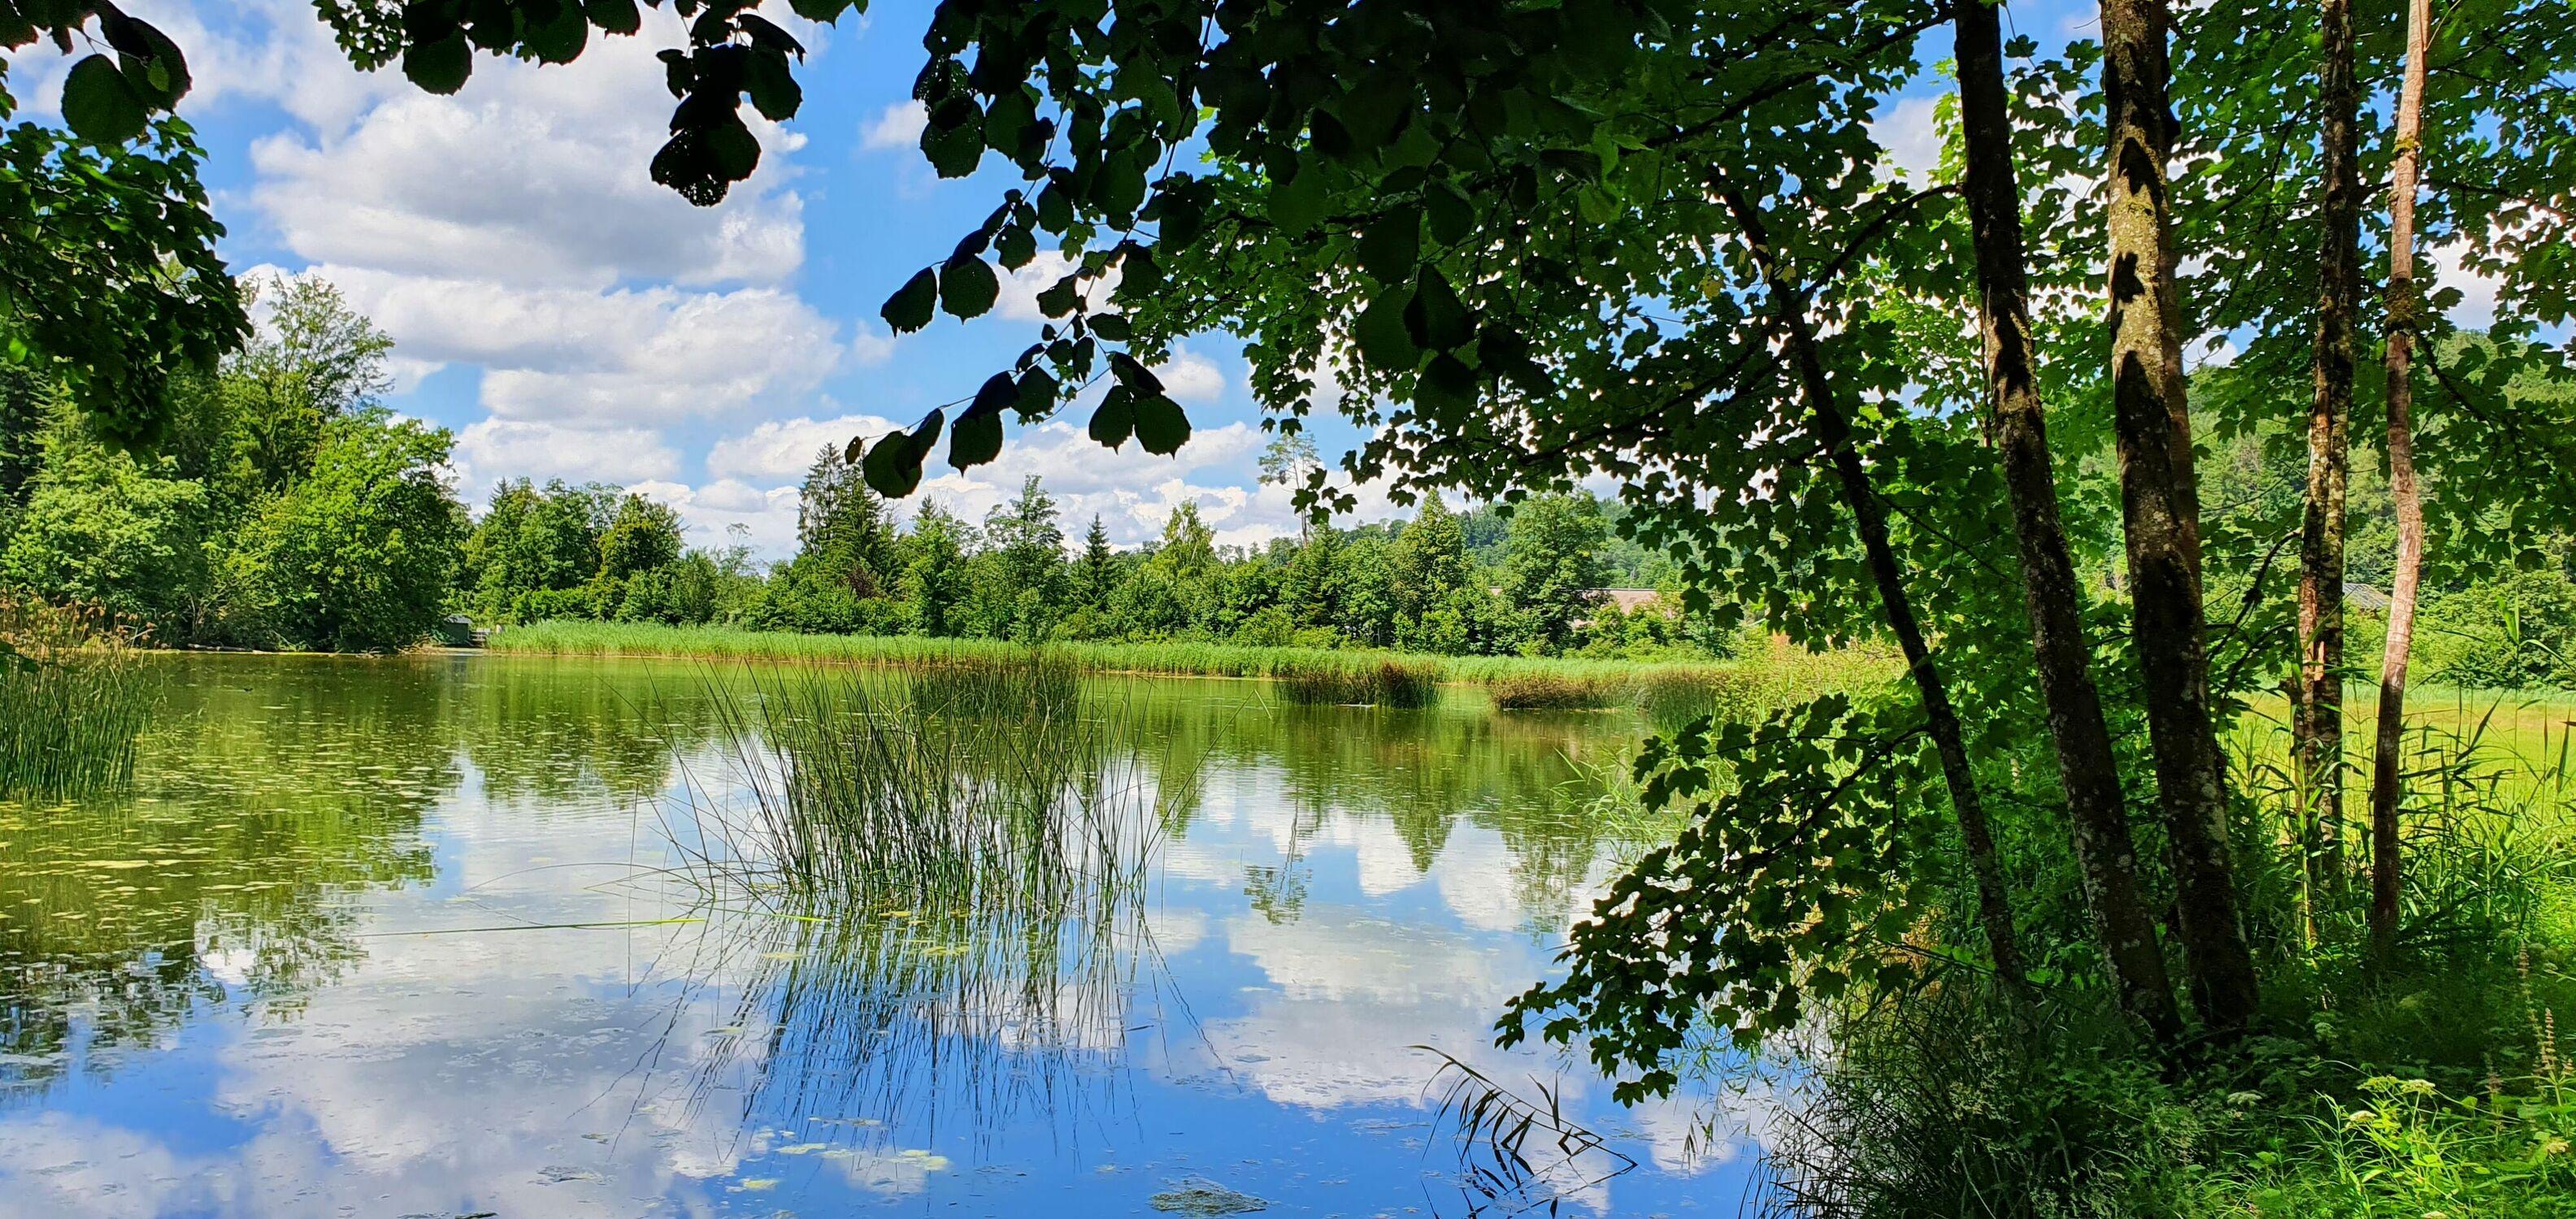 Bild mit Wasser, Pflanzen, Gewässer, Sümpfe, Seeblick, See, Naturwunder